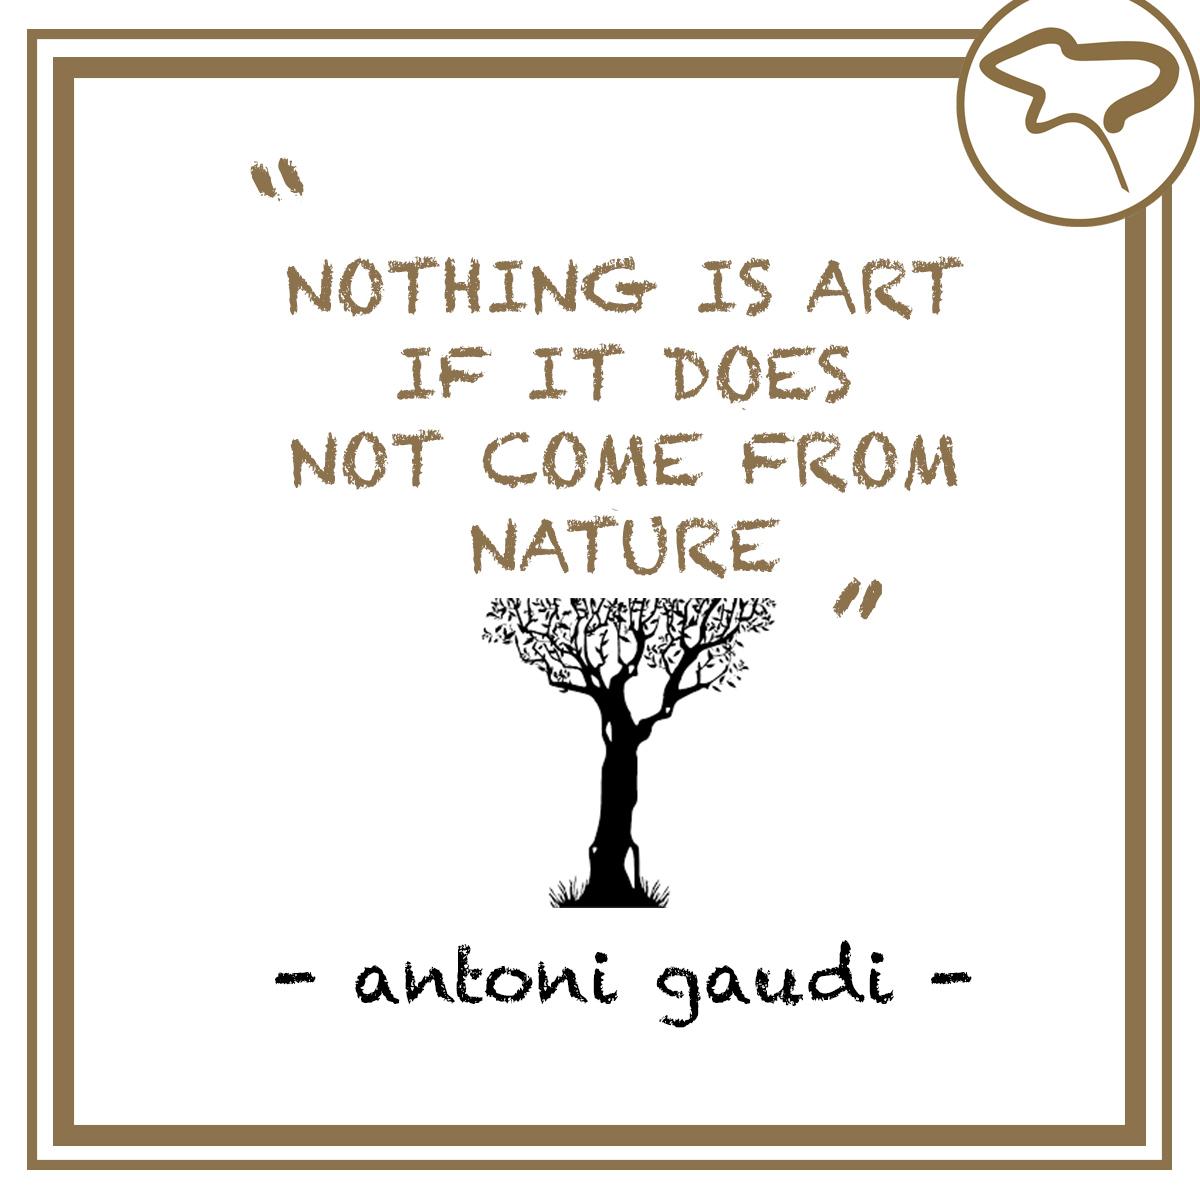 Antoni Gaudi Quote